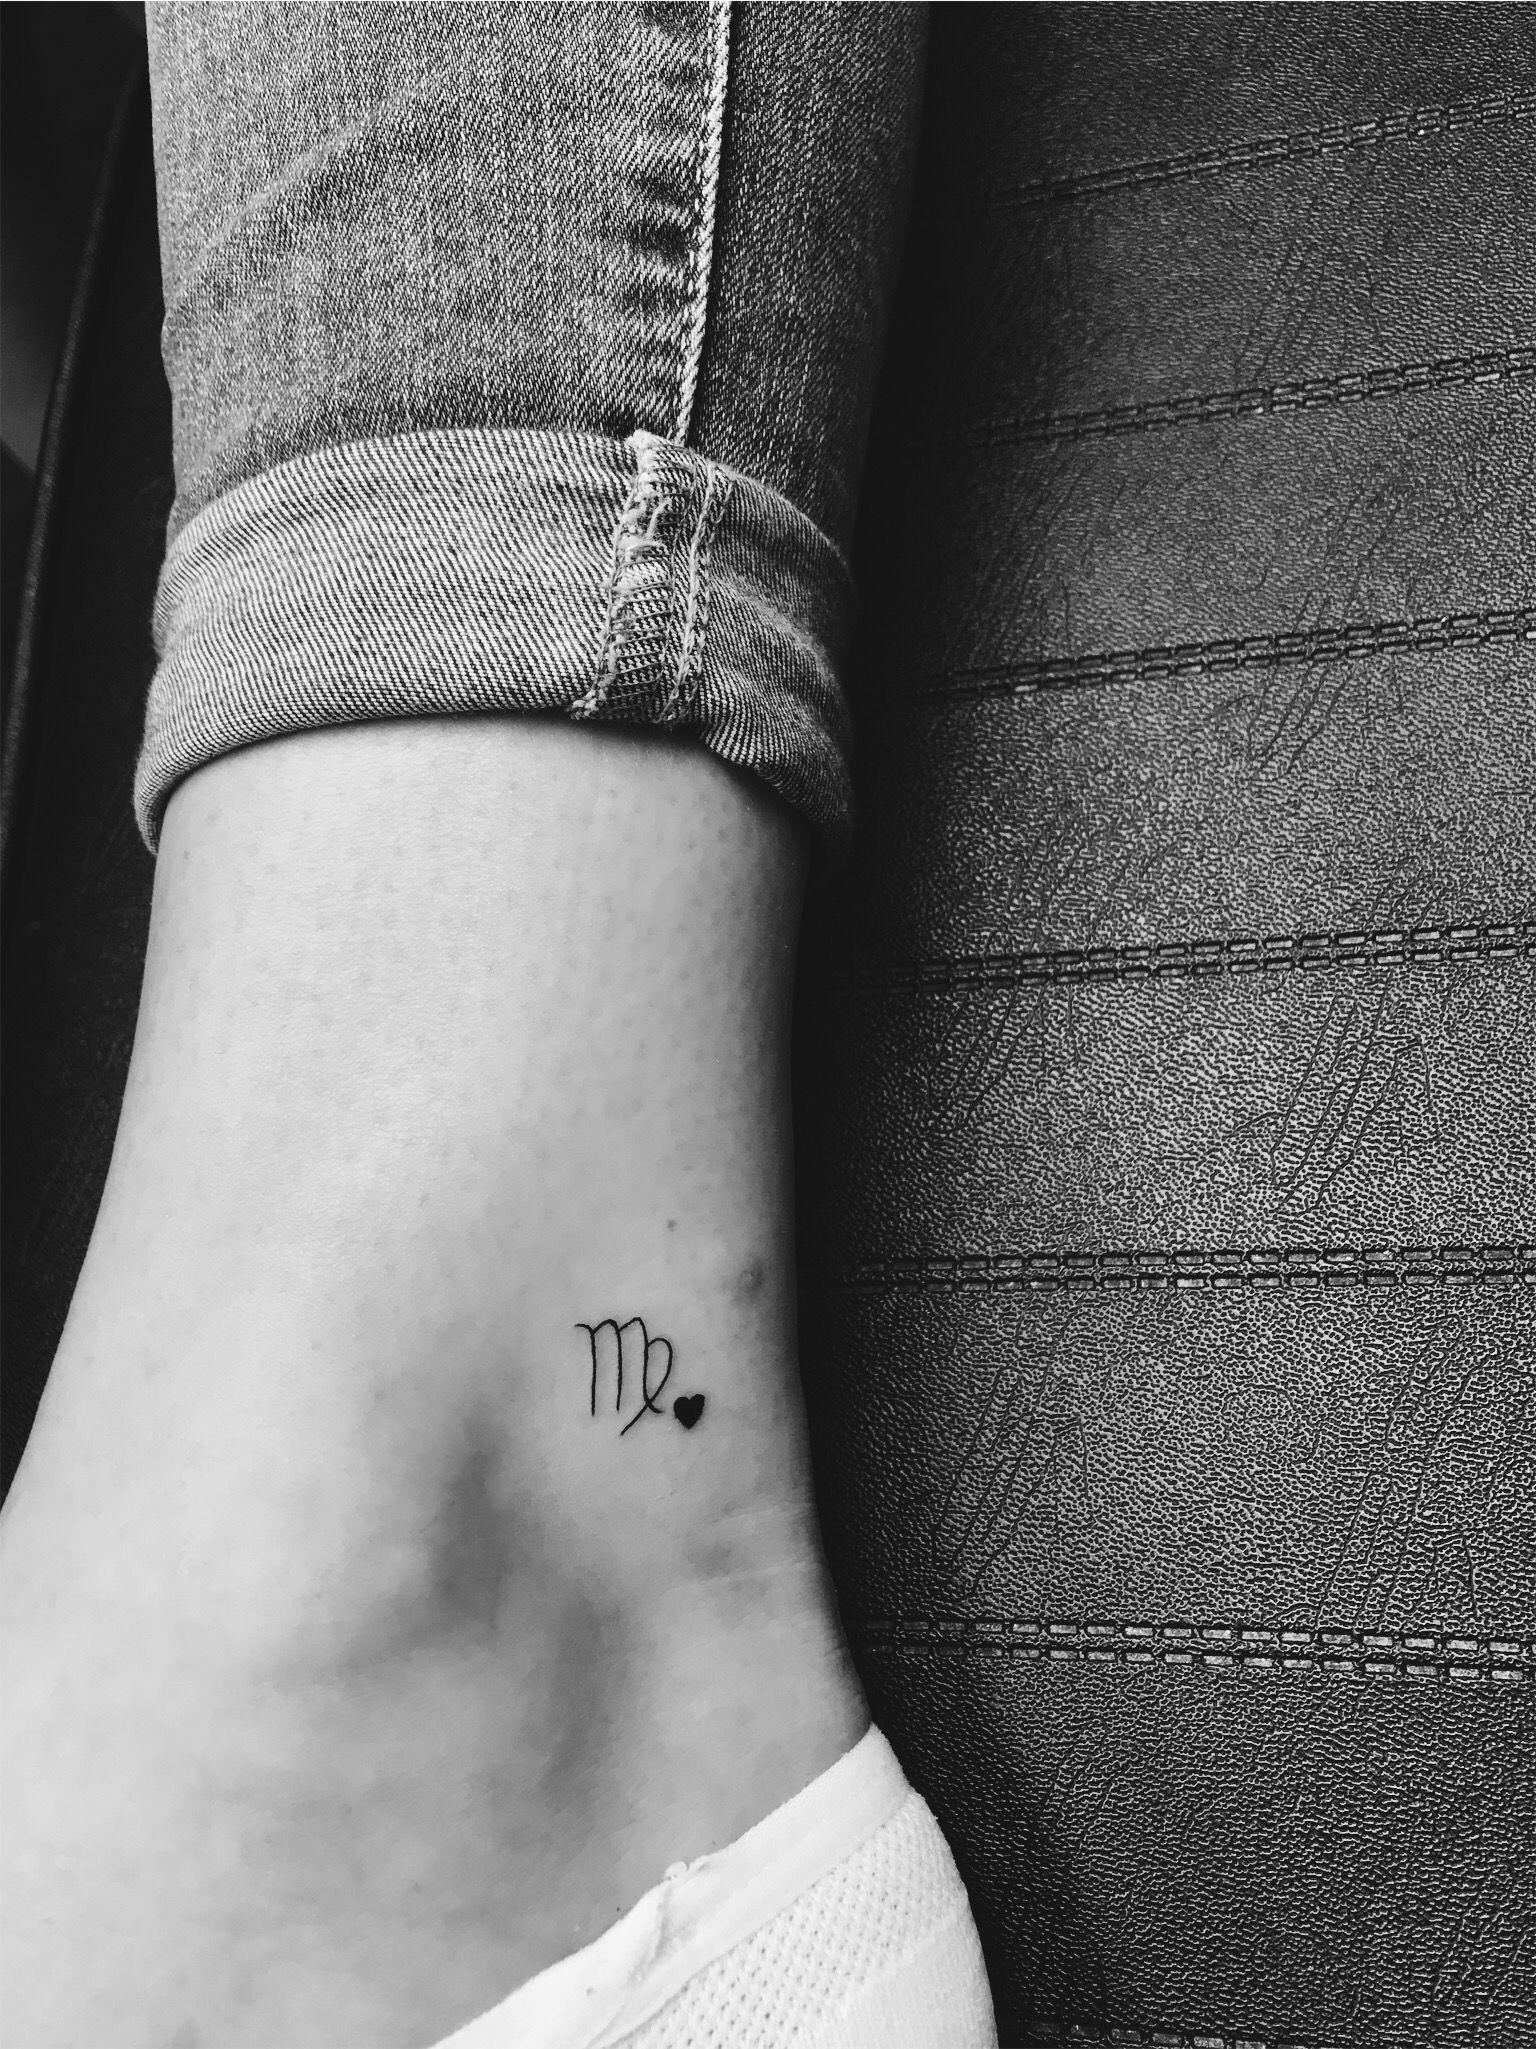 Virgo Tattoo Virgo Tattoo Virgo Tattoo Designs Virgo Sign Tattoo 21 virgo tattoos that'll satisfy your inner perfectionist. virgo tattoo virgo tattoo virgo